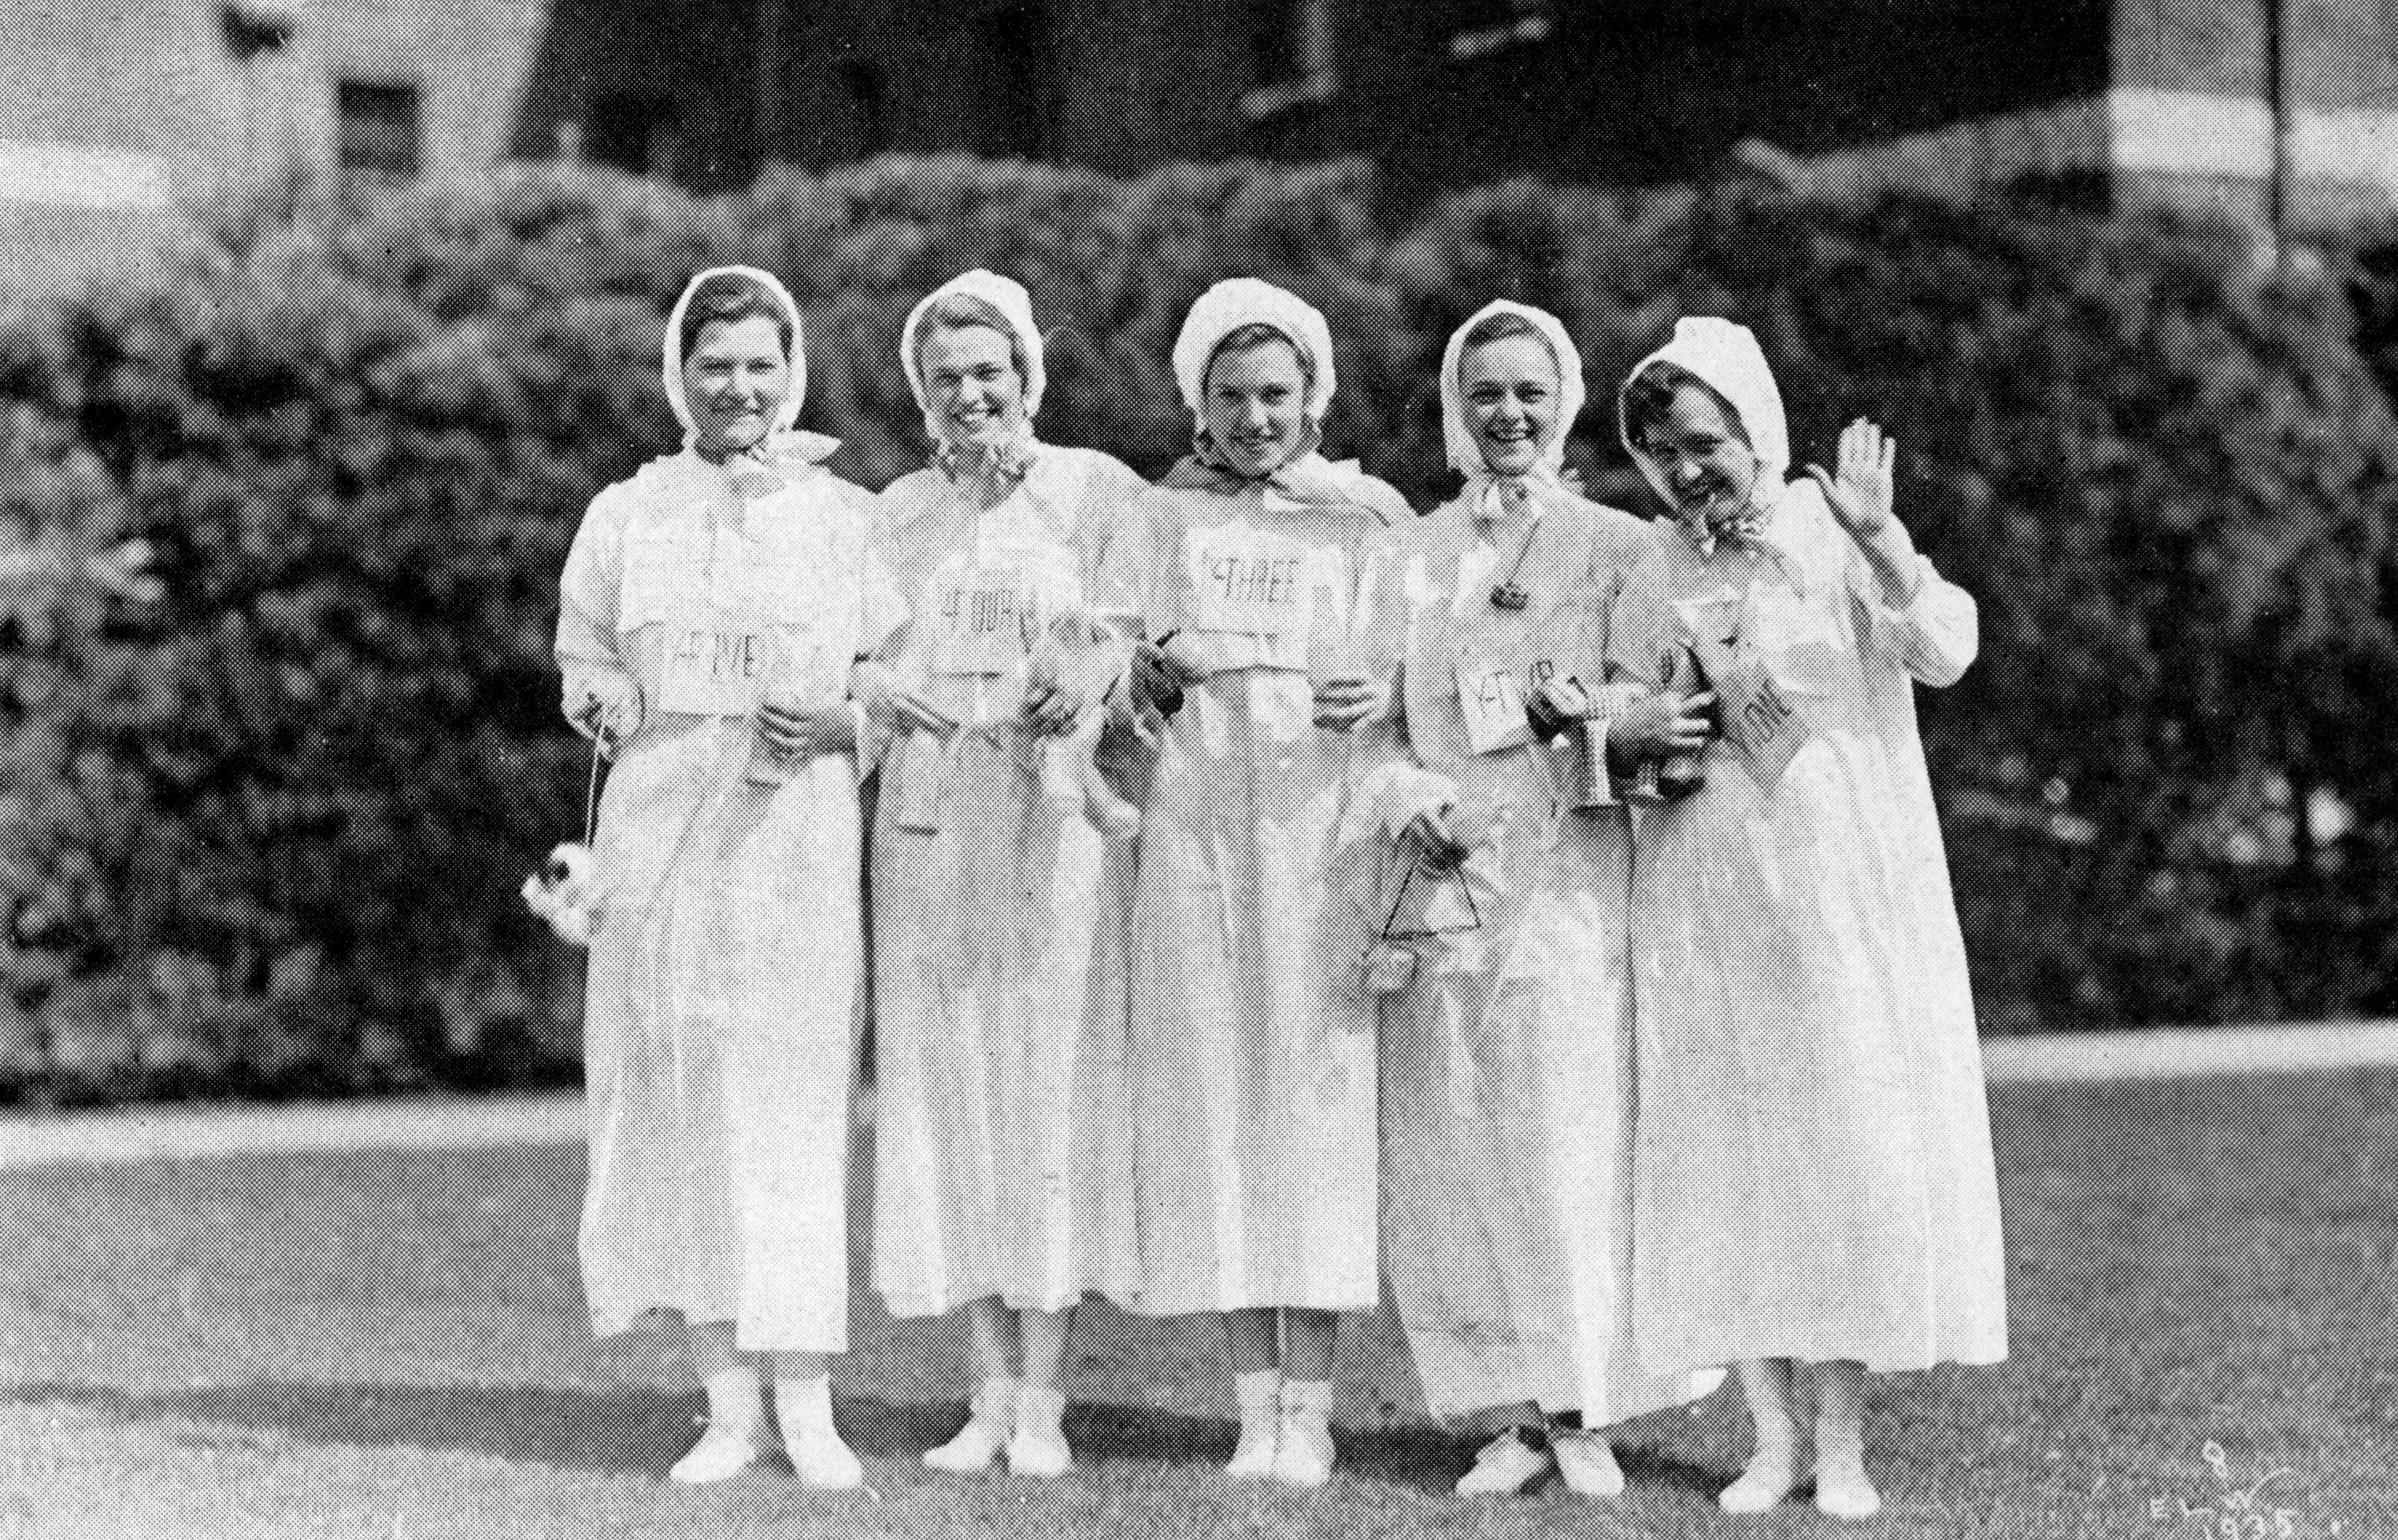 Vassar students celebrating Founder's Day in 1935